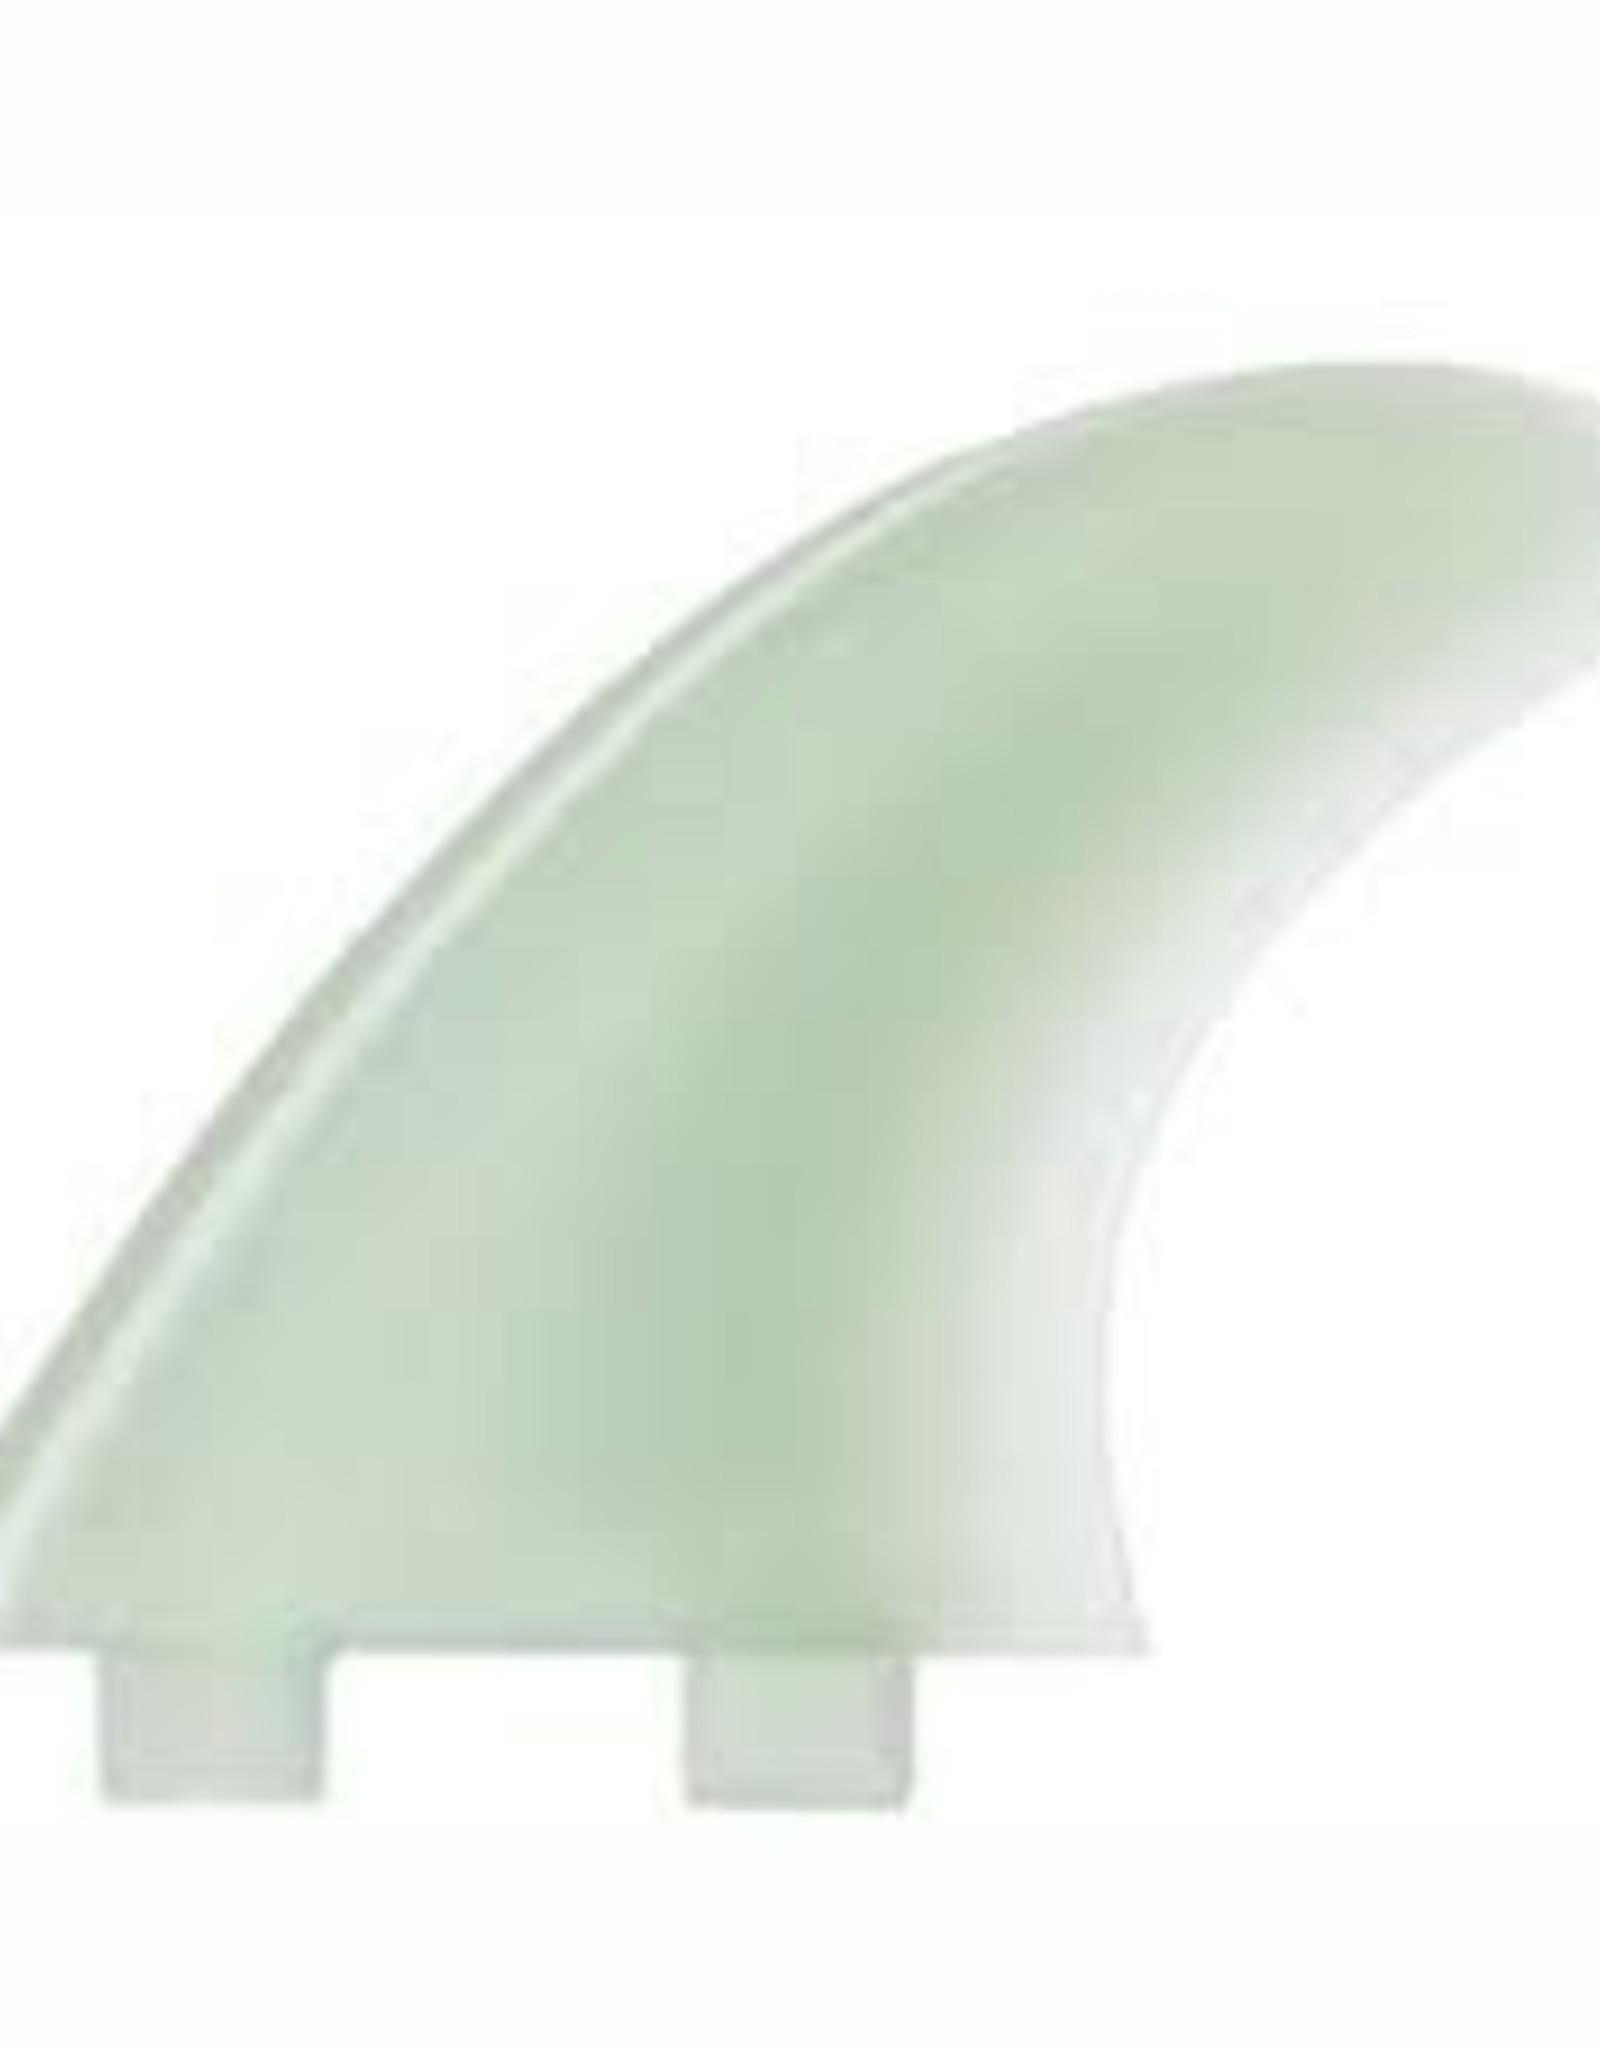 FCS FCS M5 Natural Glass Flex Tri Fin Set